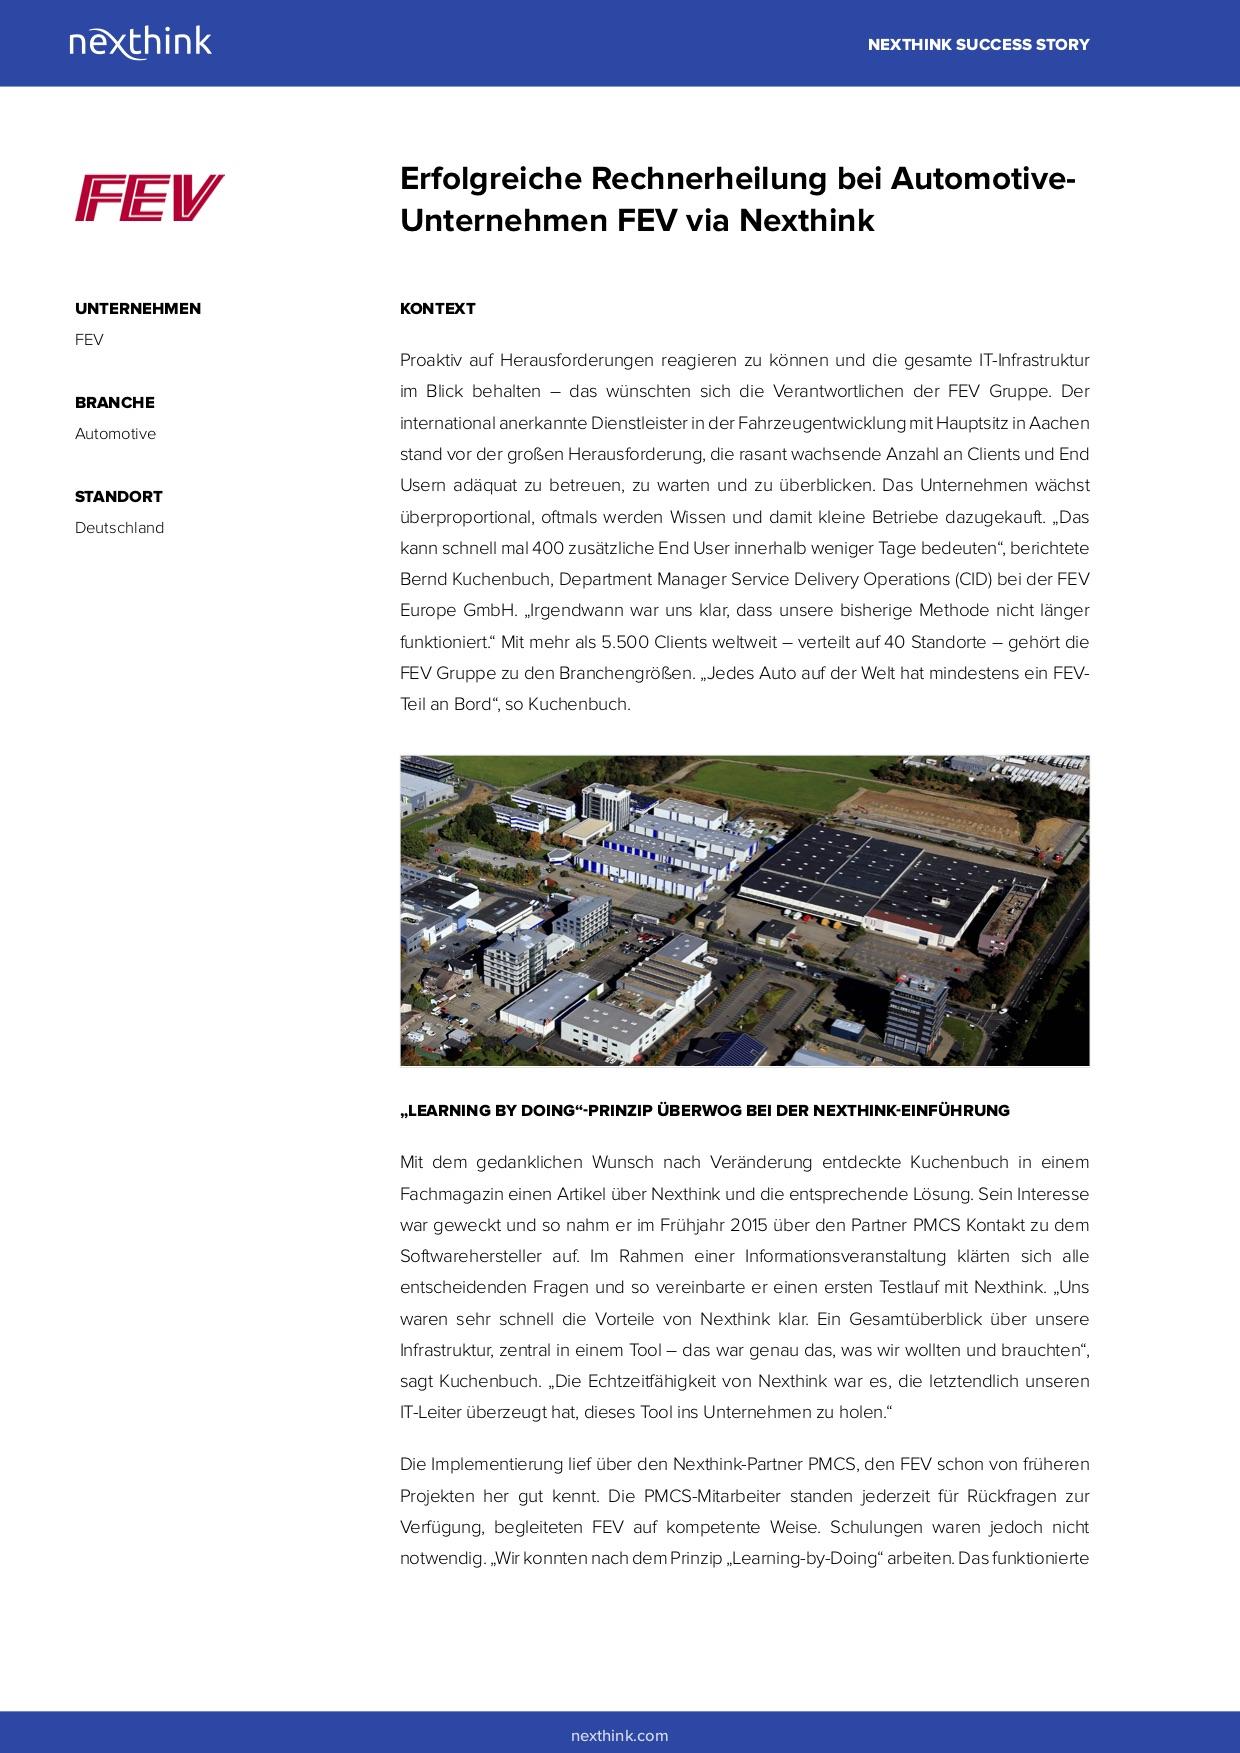 Erfolgreiche Rechnerheilung bei Automotive-Unternehmen FEV via Nexthink